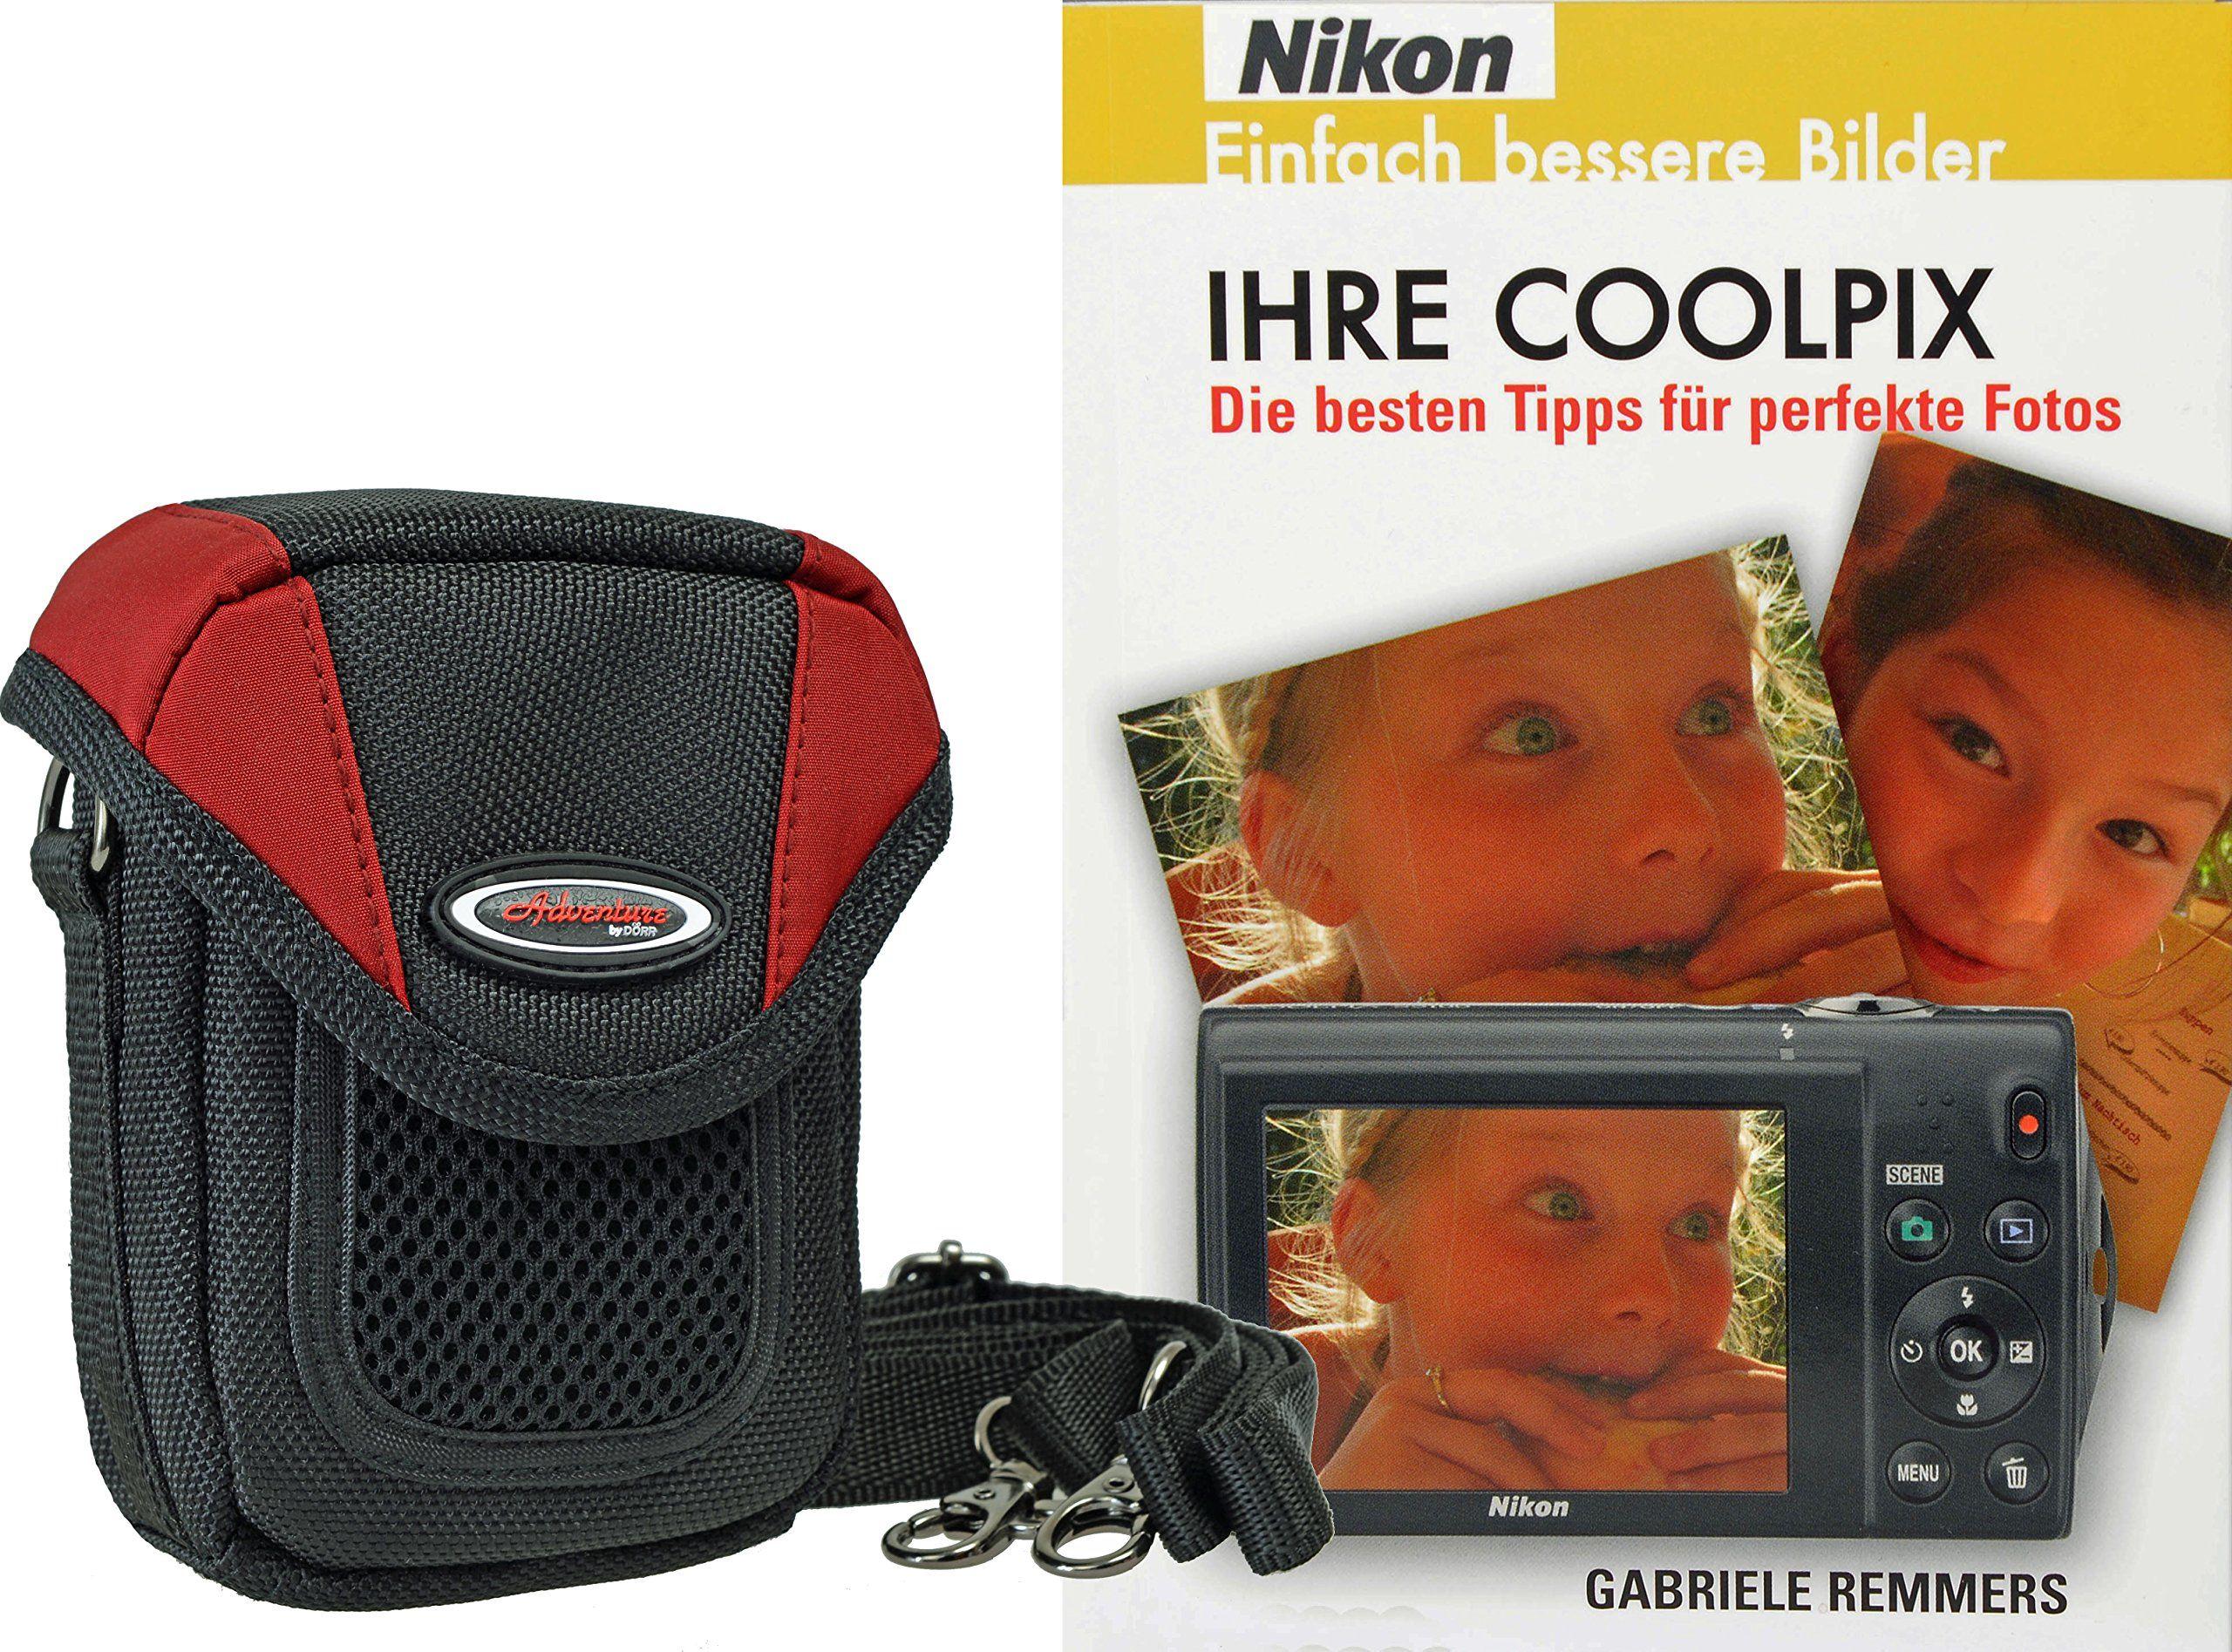 ADVENTURE X-TREME torba na aparat i książeczka fotograficzna ''Ihre Coolpix'' (język niemiecki] do Nikon czarny/czerwony